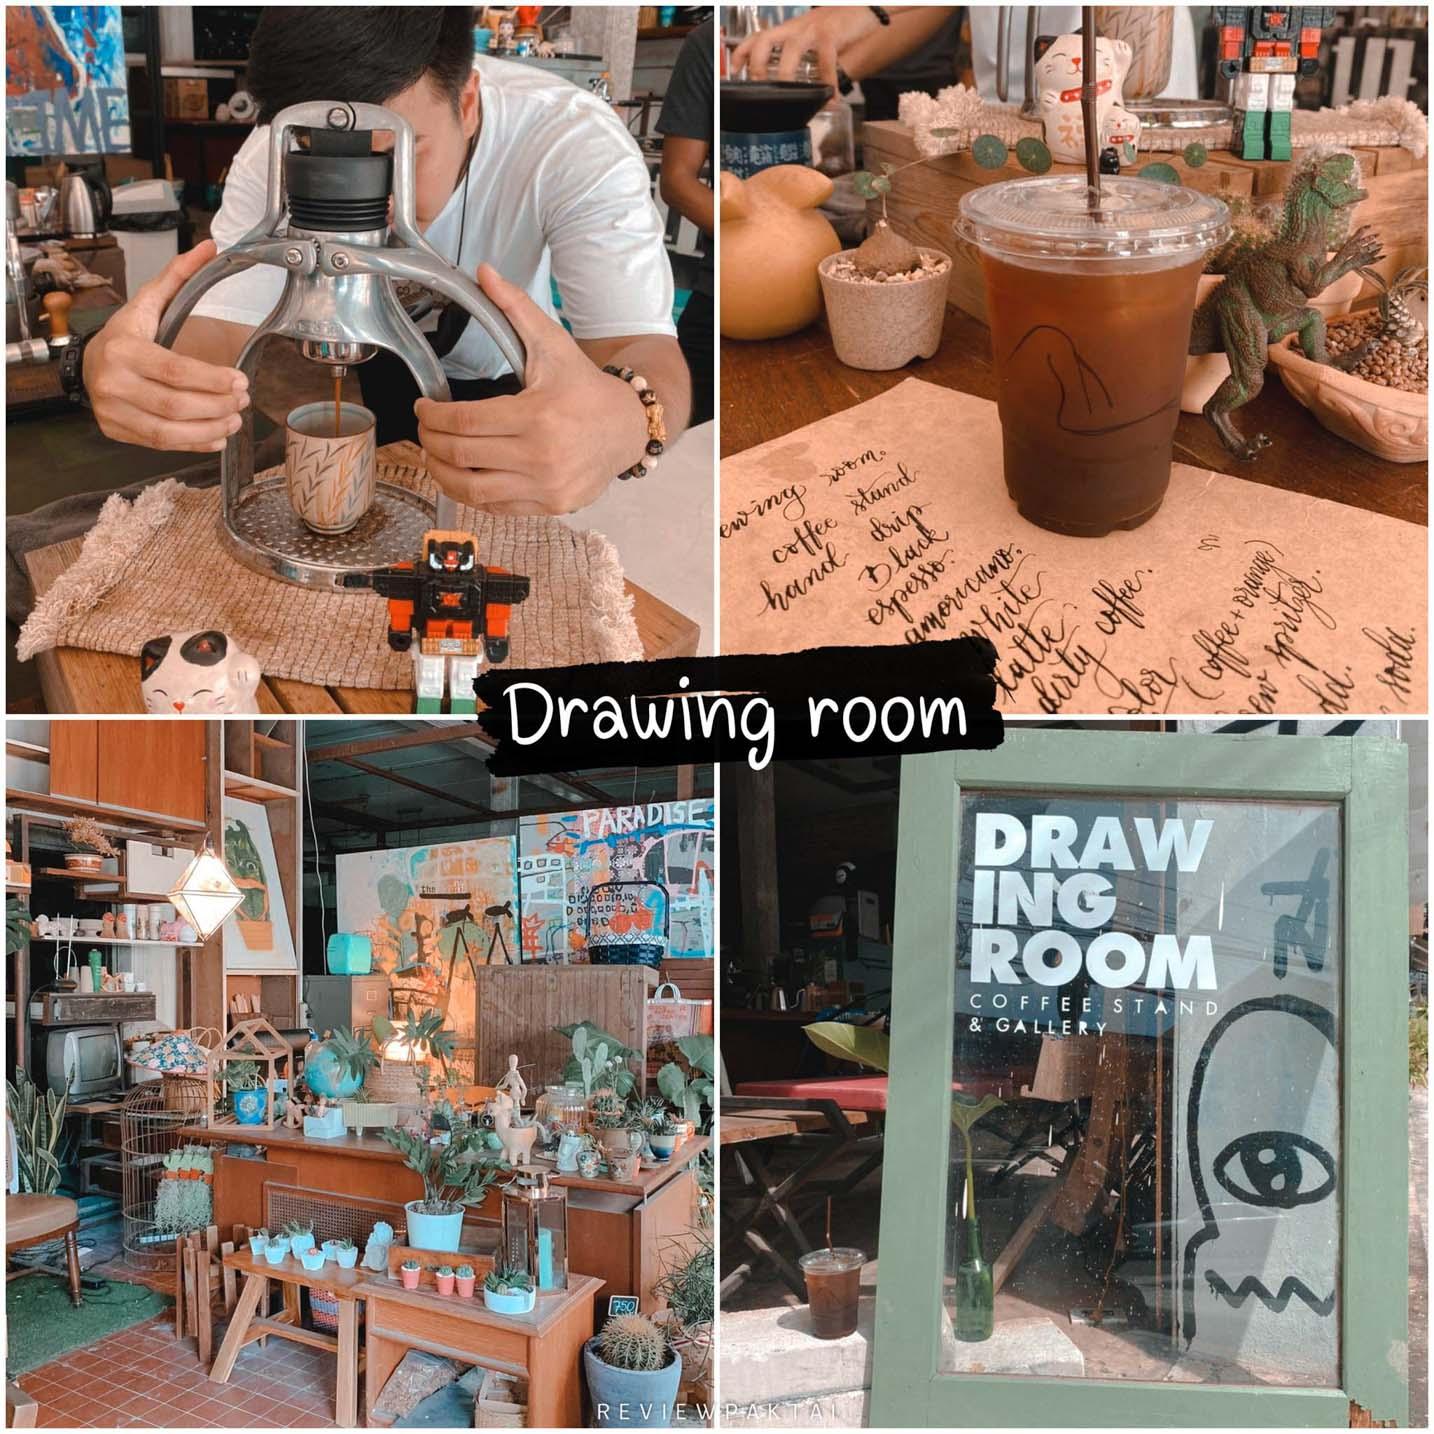 ร้านกาแฟแปลกใหม่แนวศิลปะ Drawing room coffee and gallery สายศิลป์สายนั่งชิลๆต้องมาปักหมุดกันแล้วจ้า